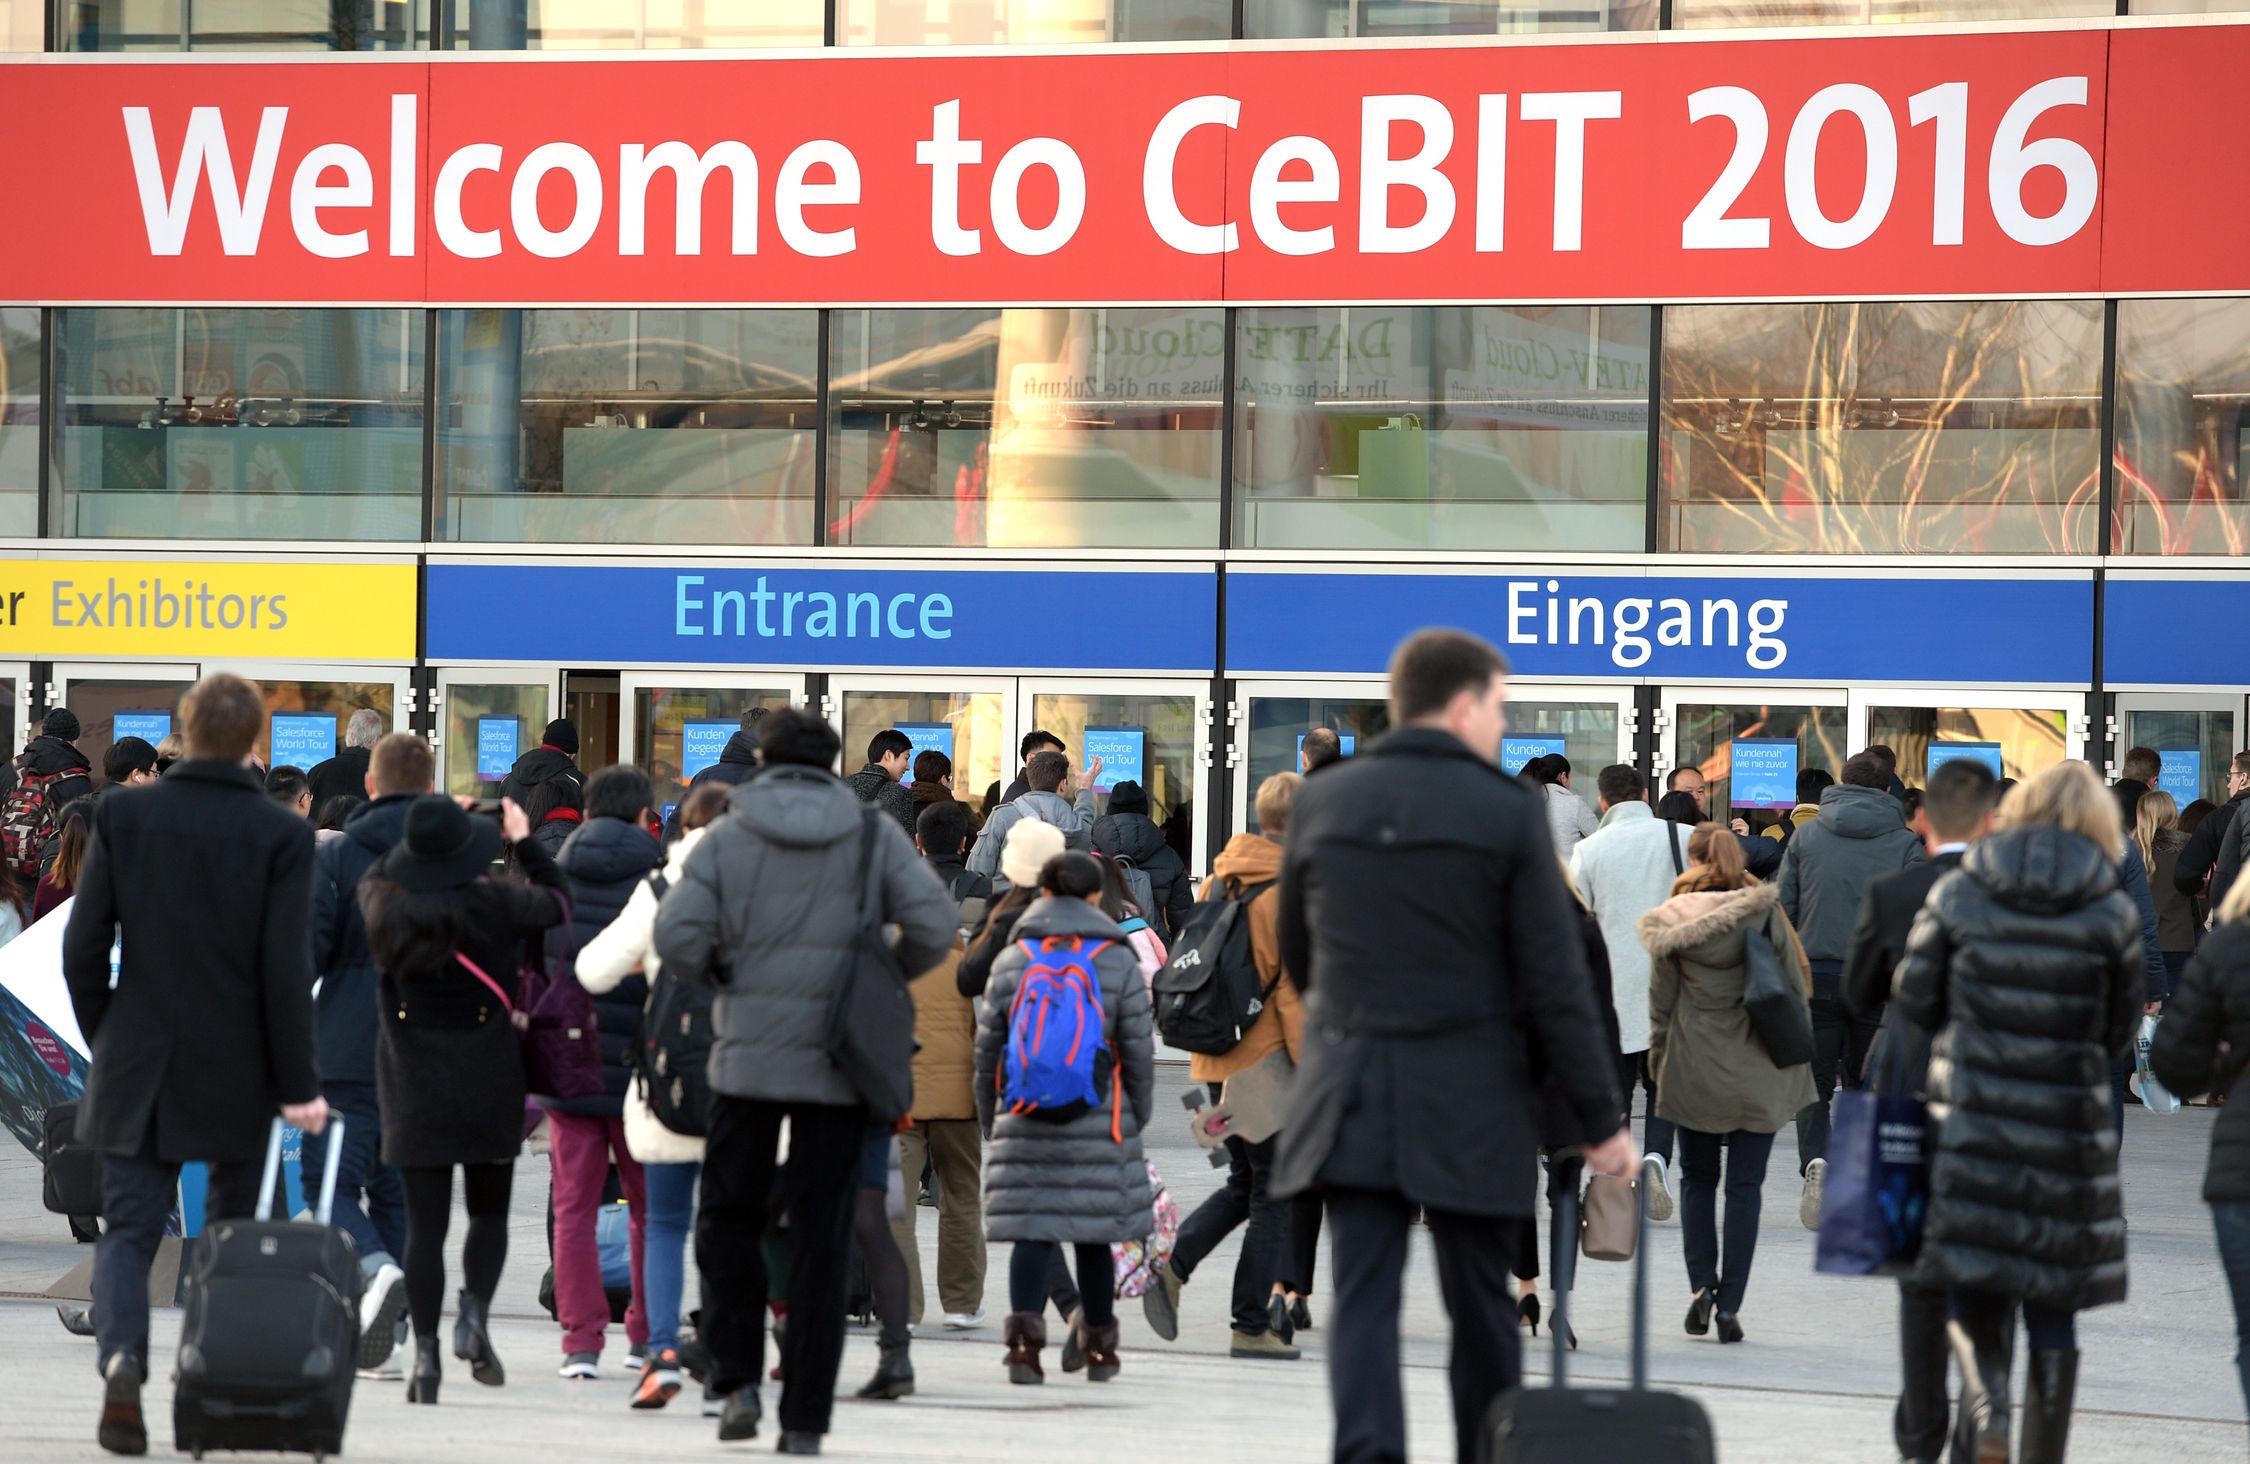 Alemanha | Feira CeBIT - Hannover - De 20 à 24 de Março de 2017  | Pacote Feiras Internacionais